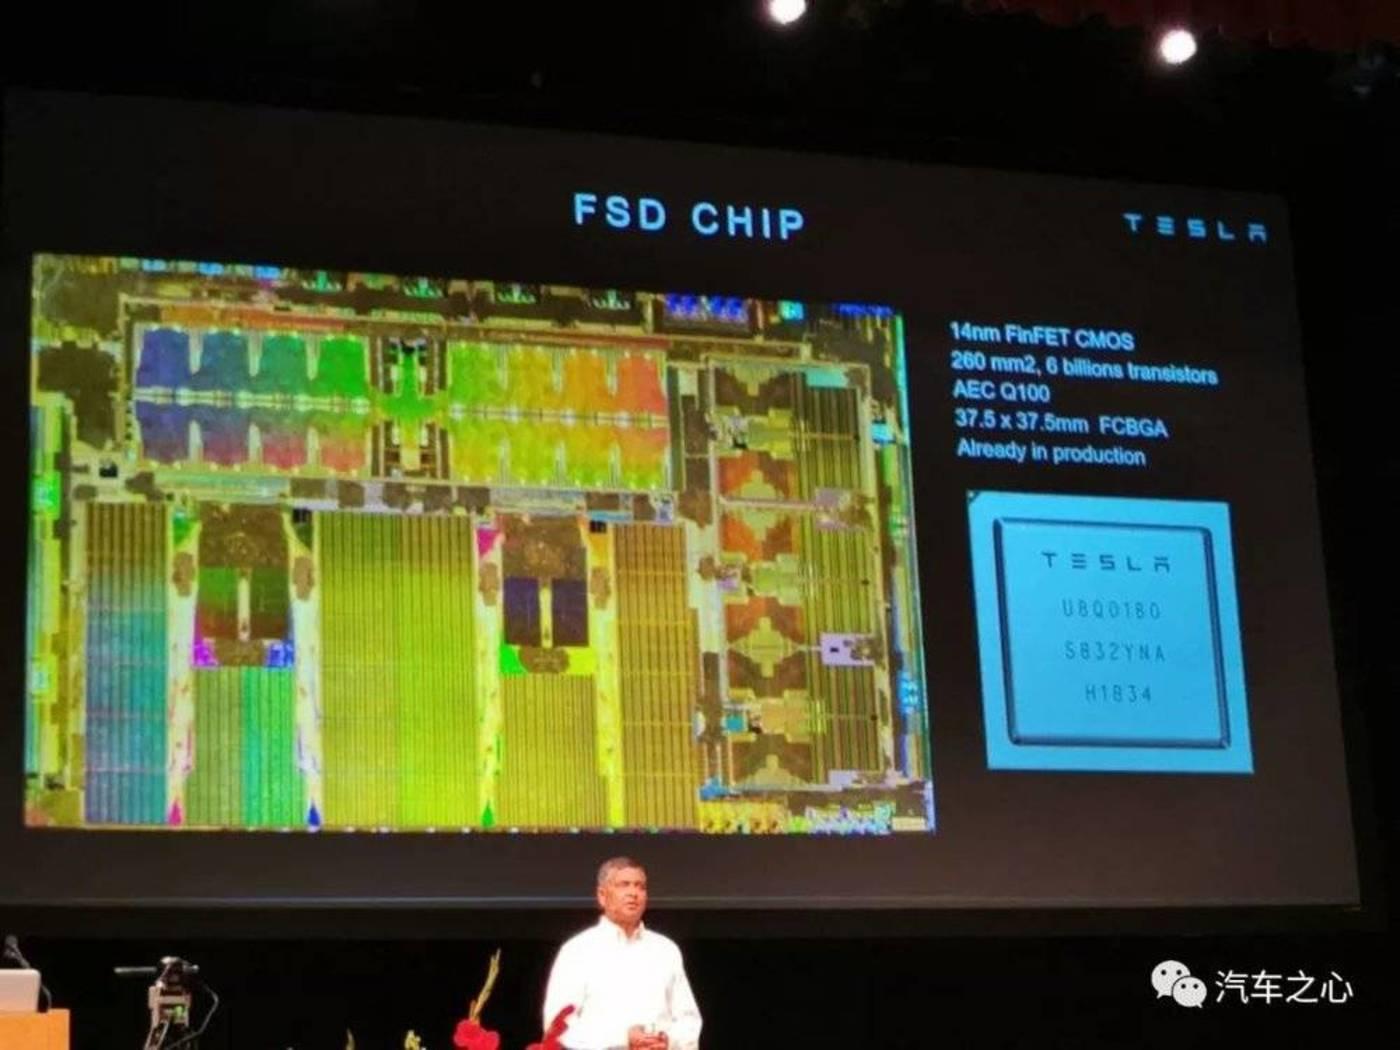 特斯拉 AI 芯片的真正实力